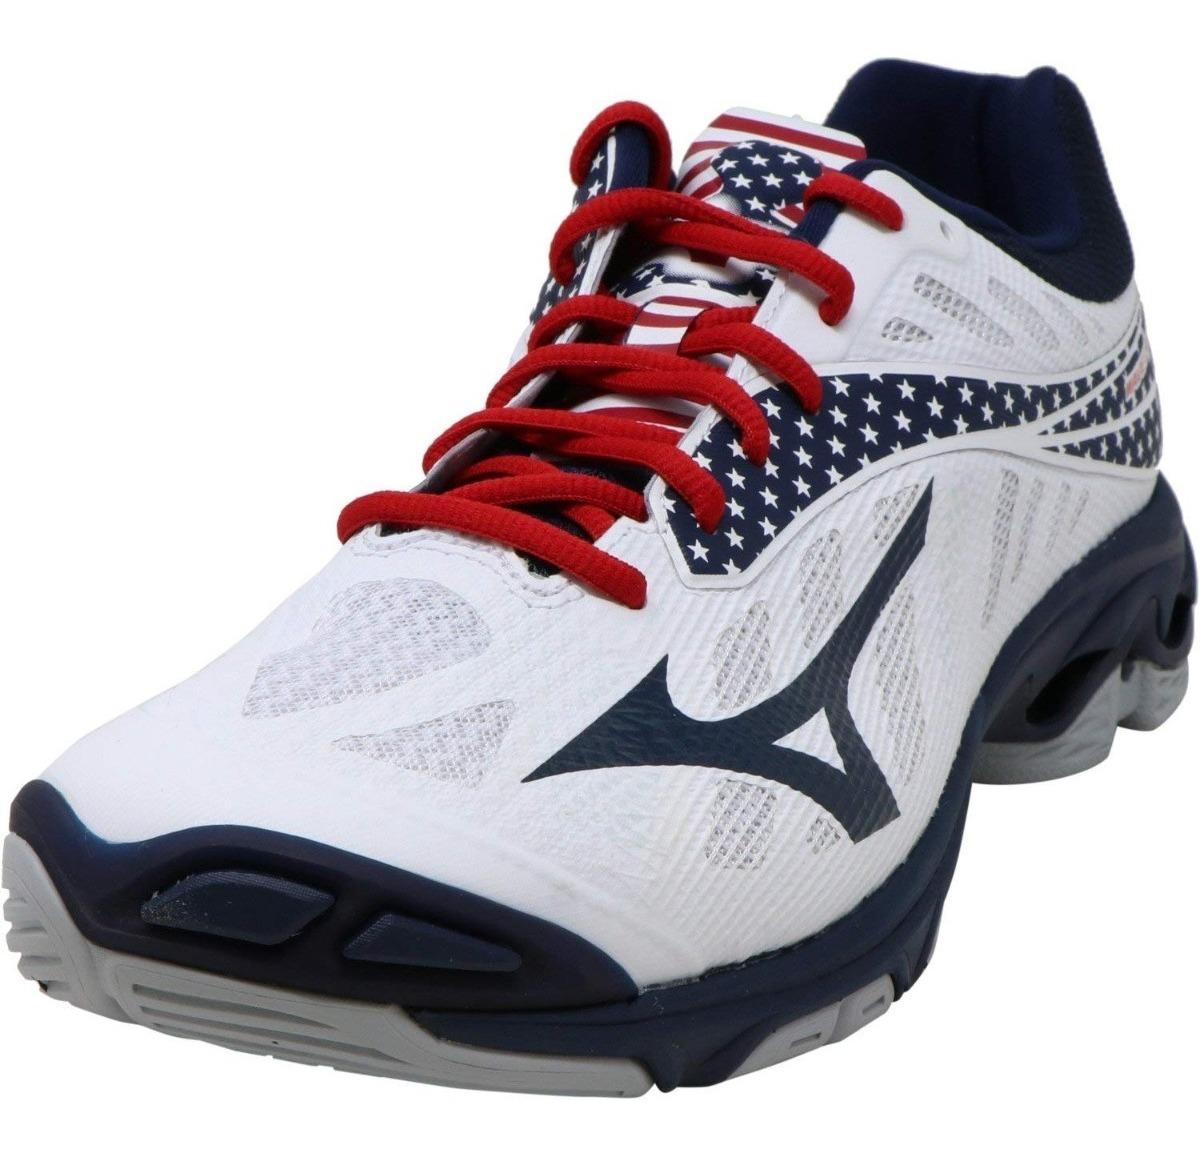 zapatillas mizuno z3 mercado libre